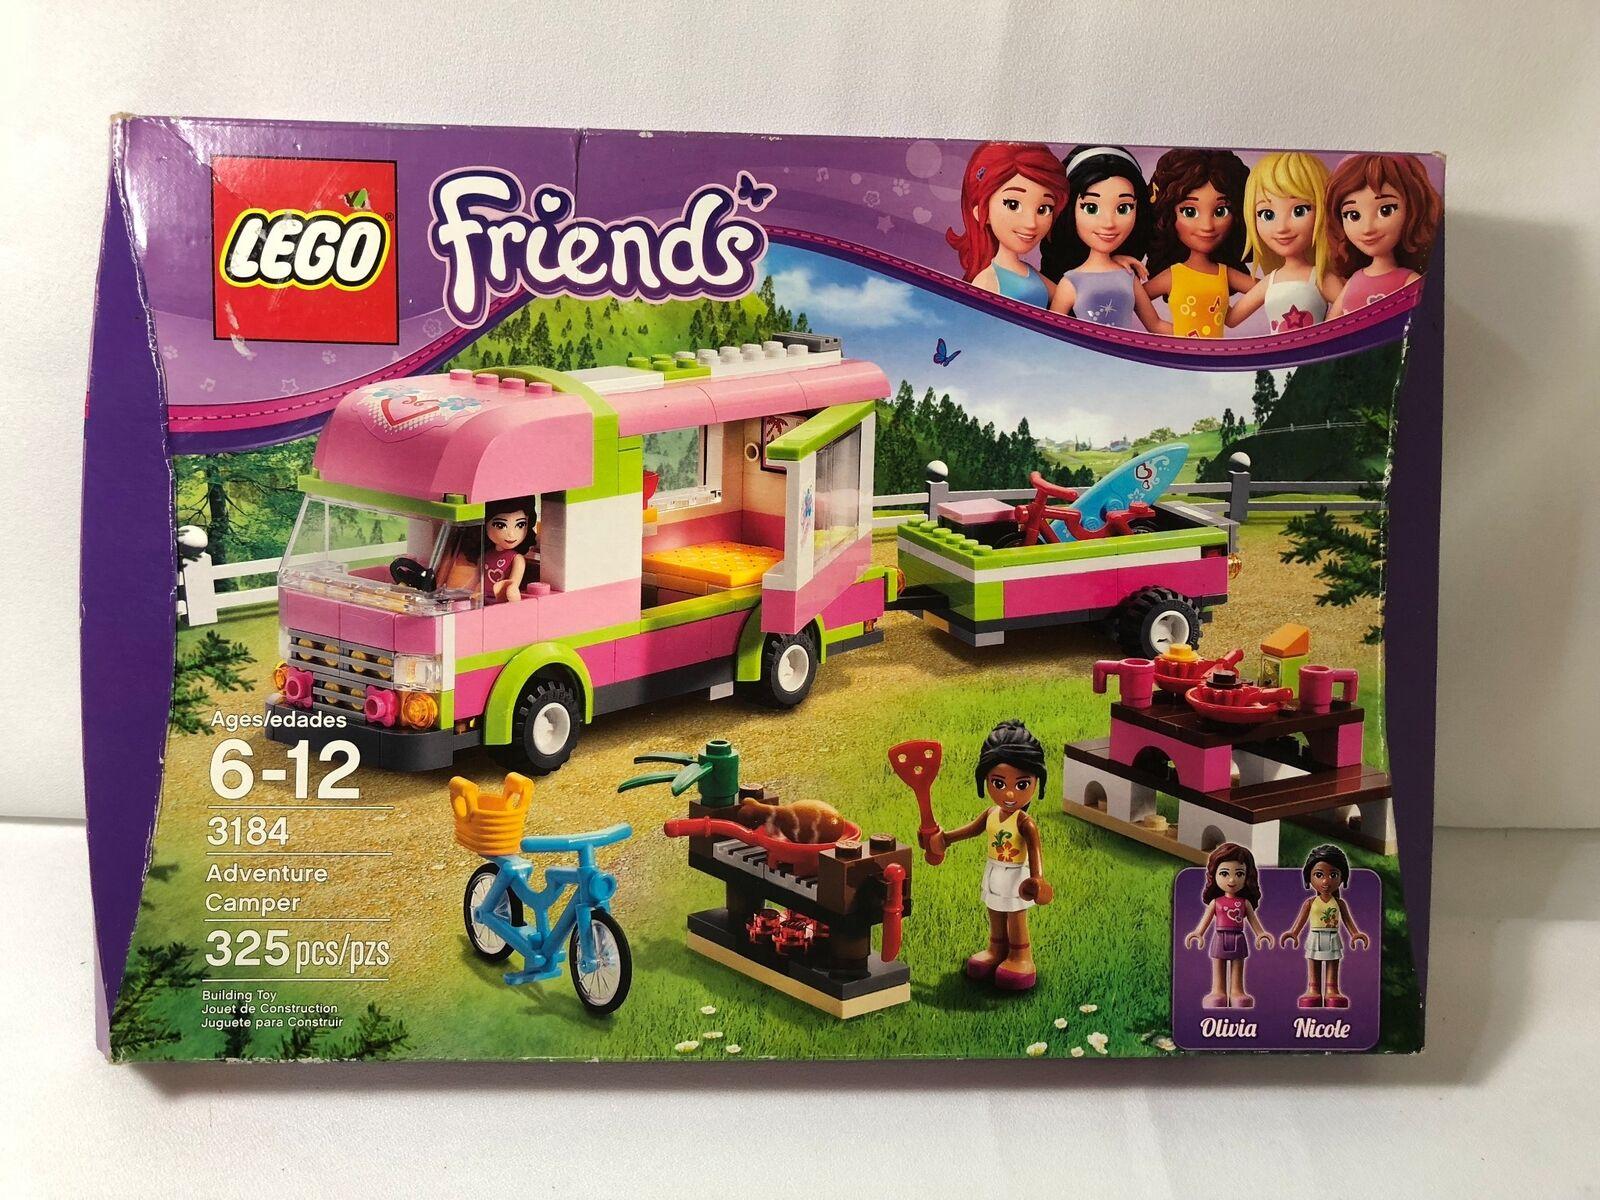 Lego 3184 Friends aventure Camper 325 pièces Nouveau